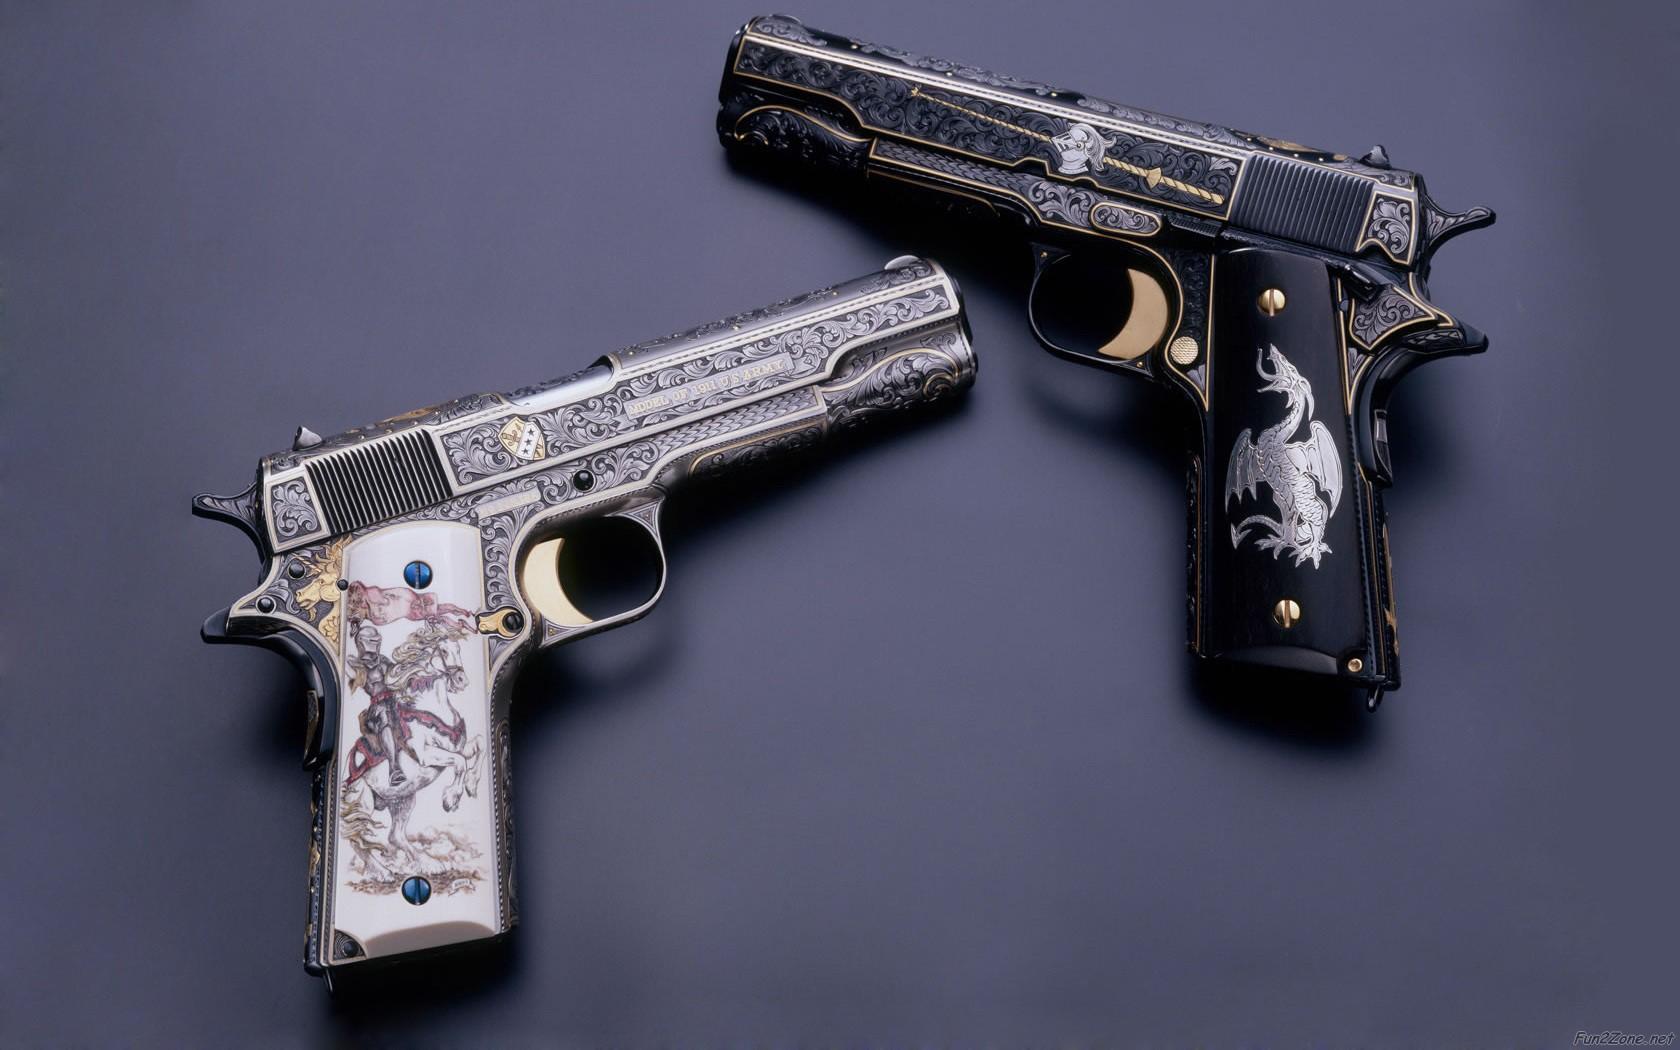 Pistol HD wallpaper 1680x1050 33928 1680x1050